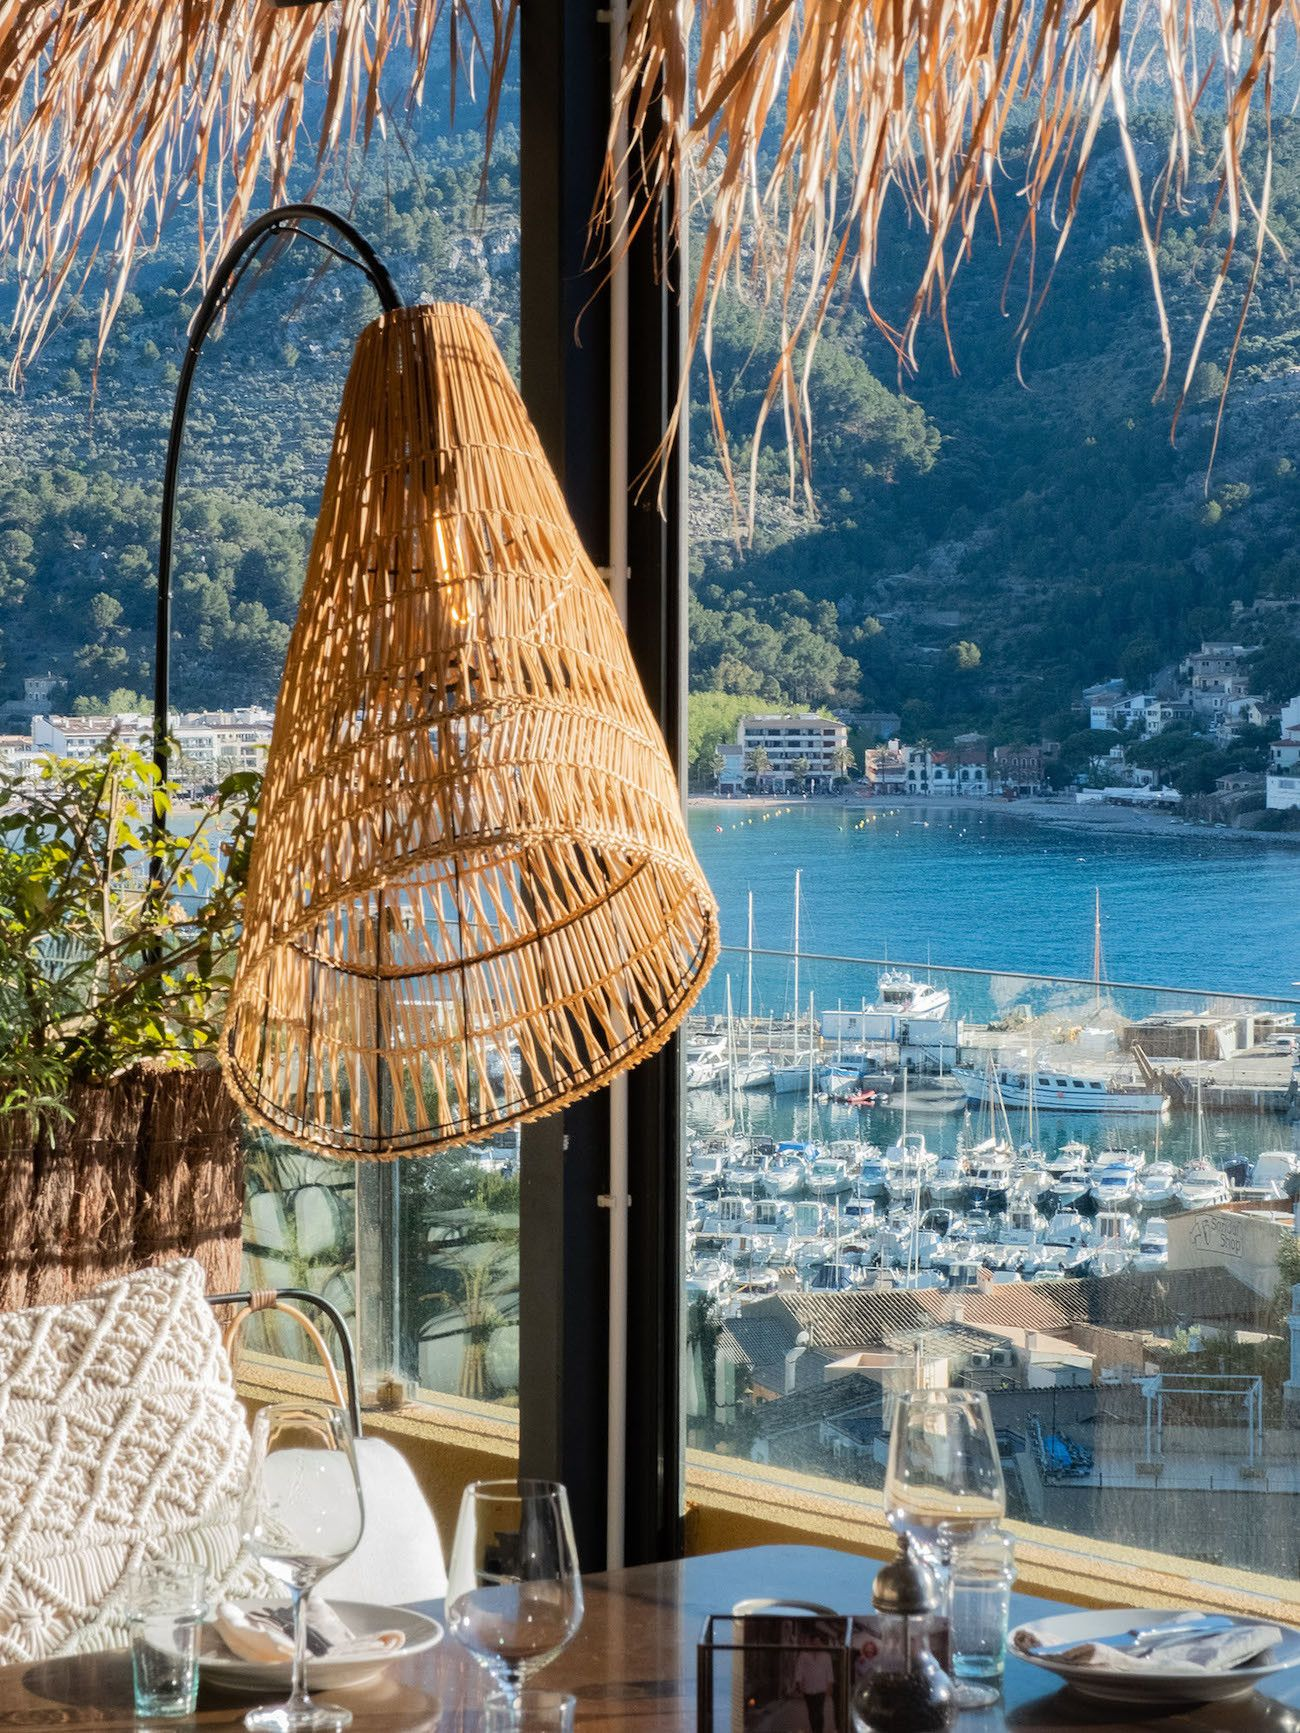 Foodblog About Fuel, Bikini Island & Mountain Hotels, Neni, Aussicht, Port de Sóller, Lampe